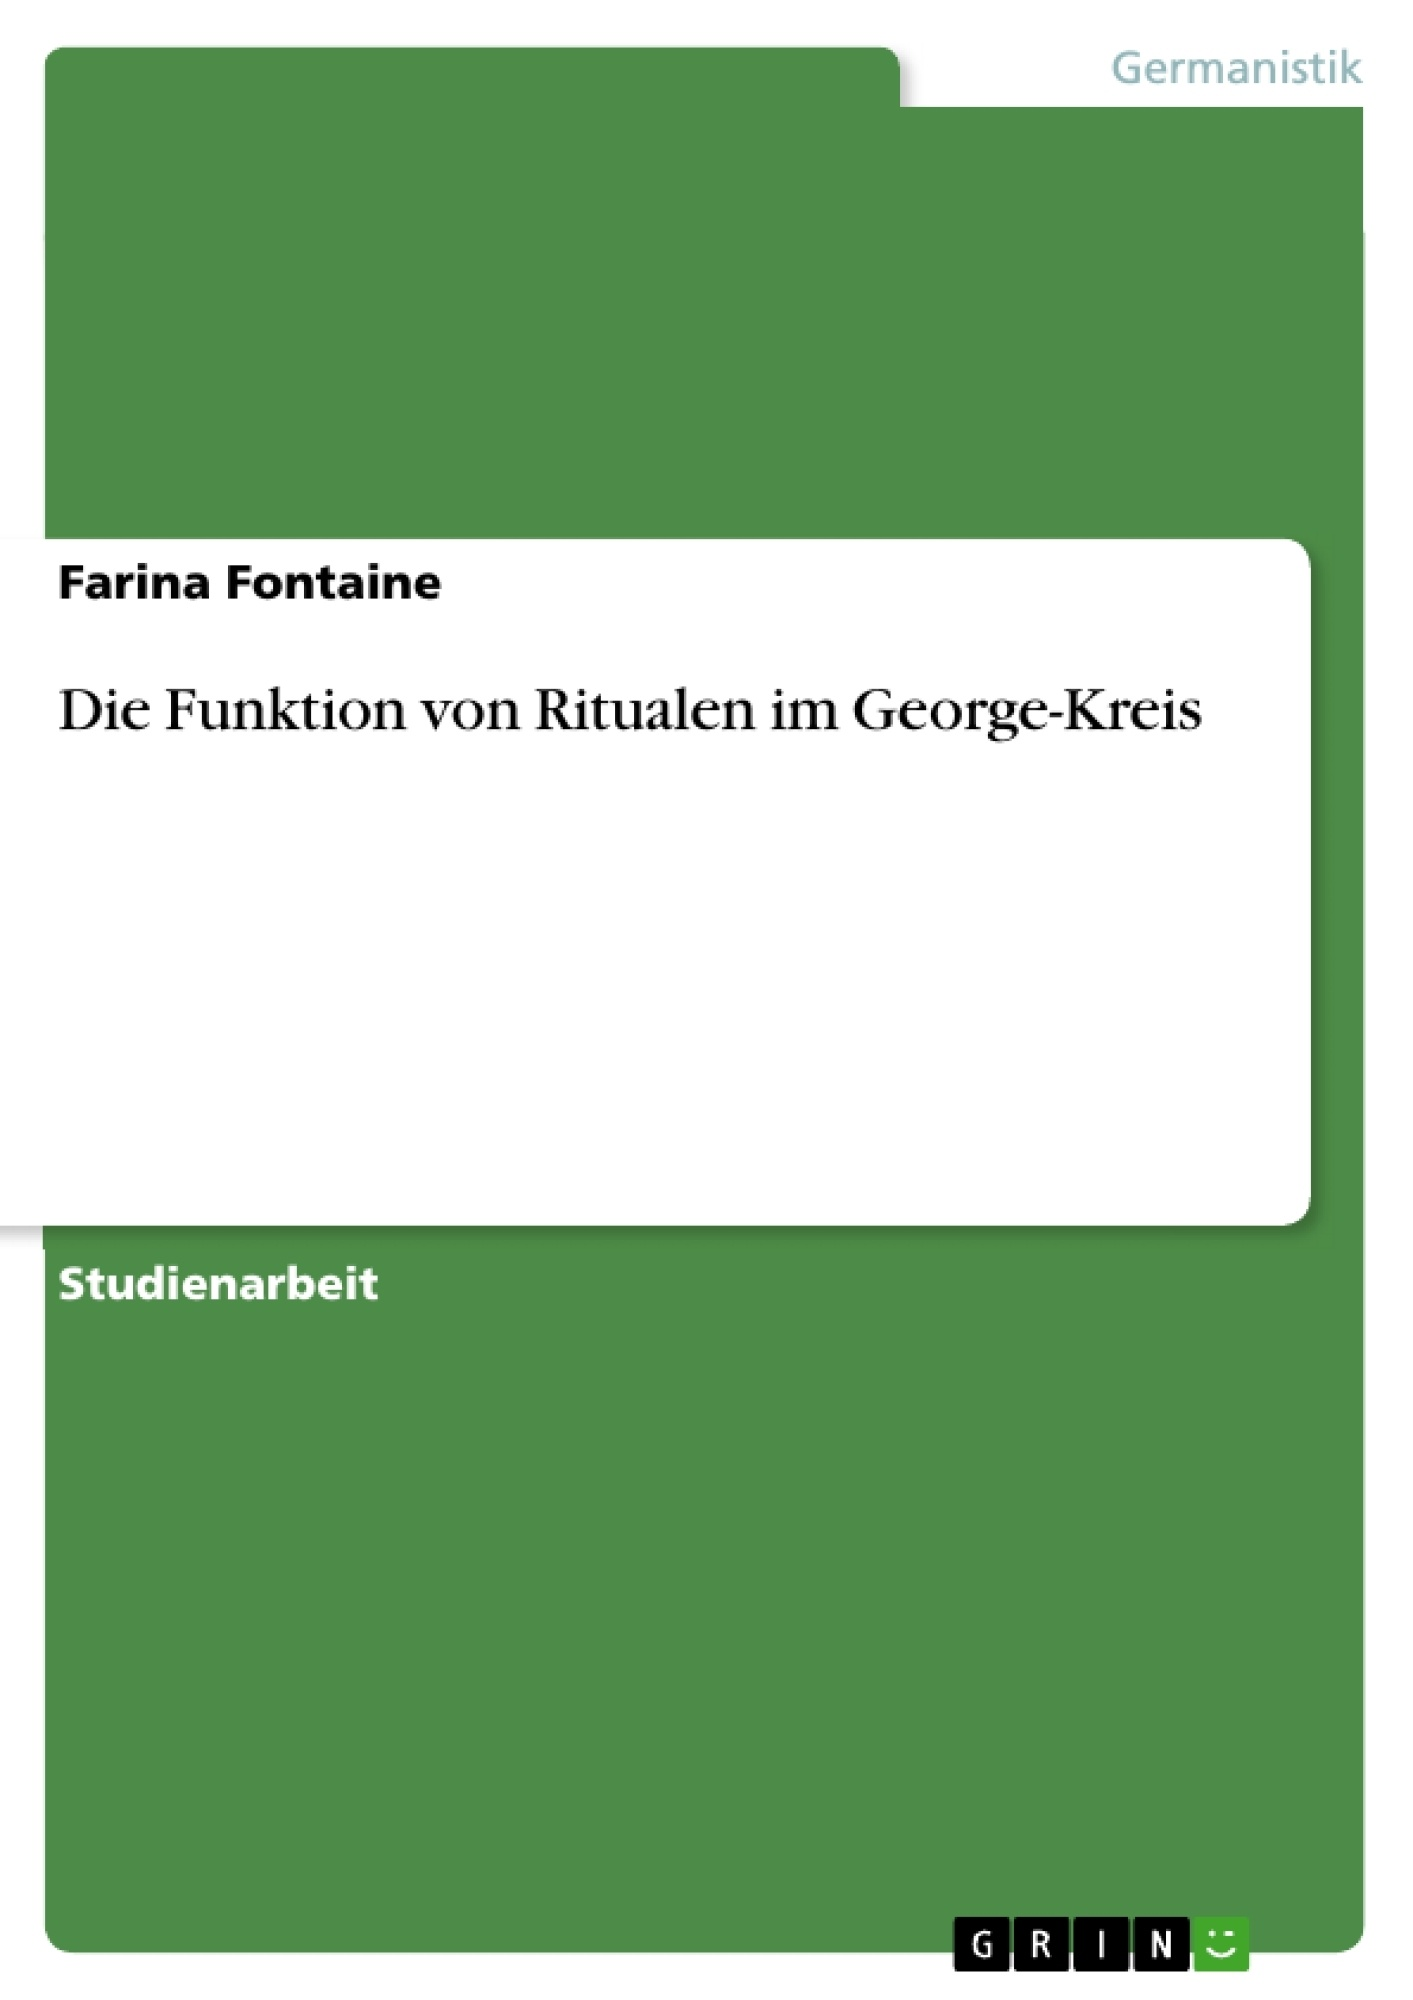 Titel: Die Funktion von Ritualen im George-Kreis